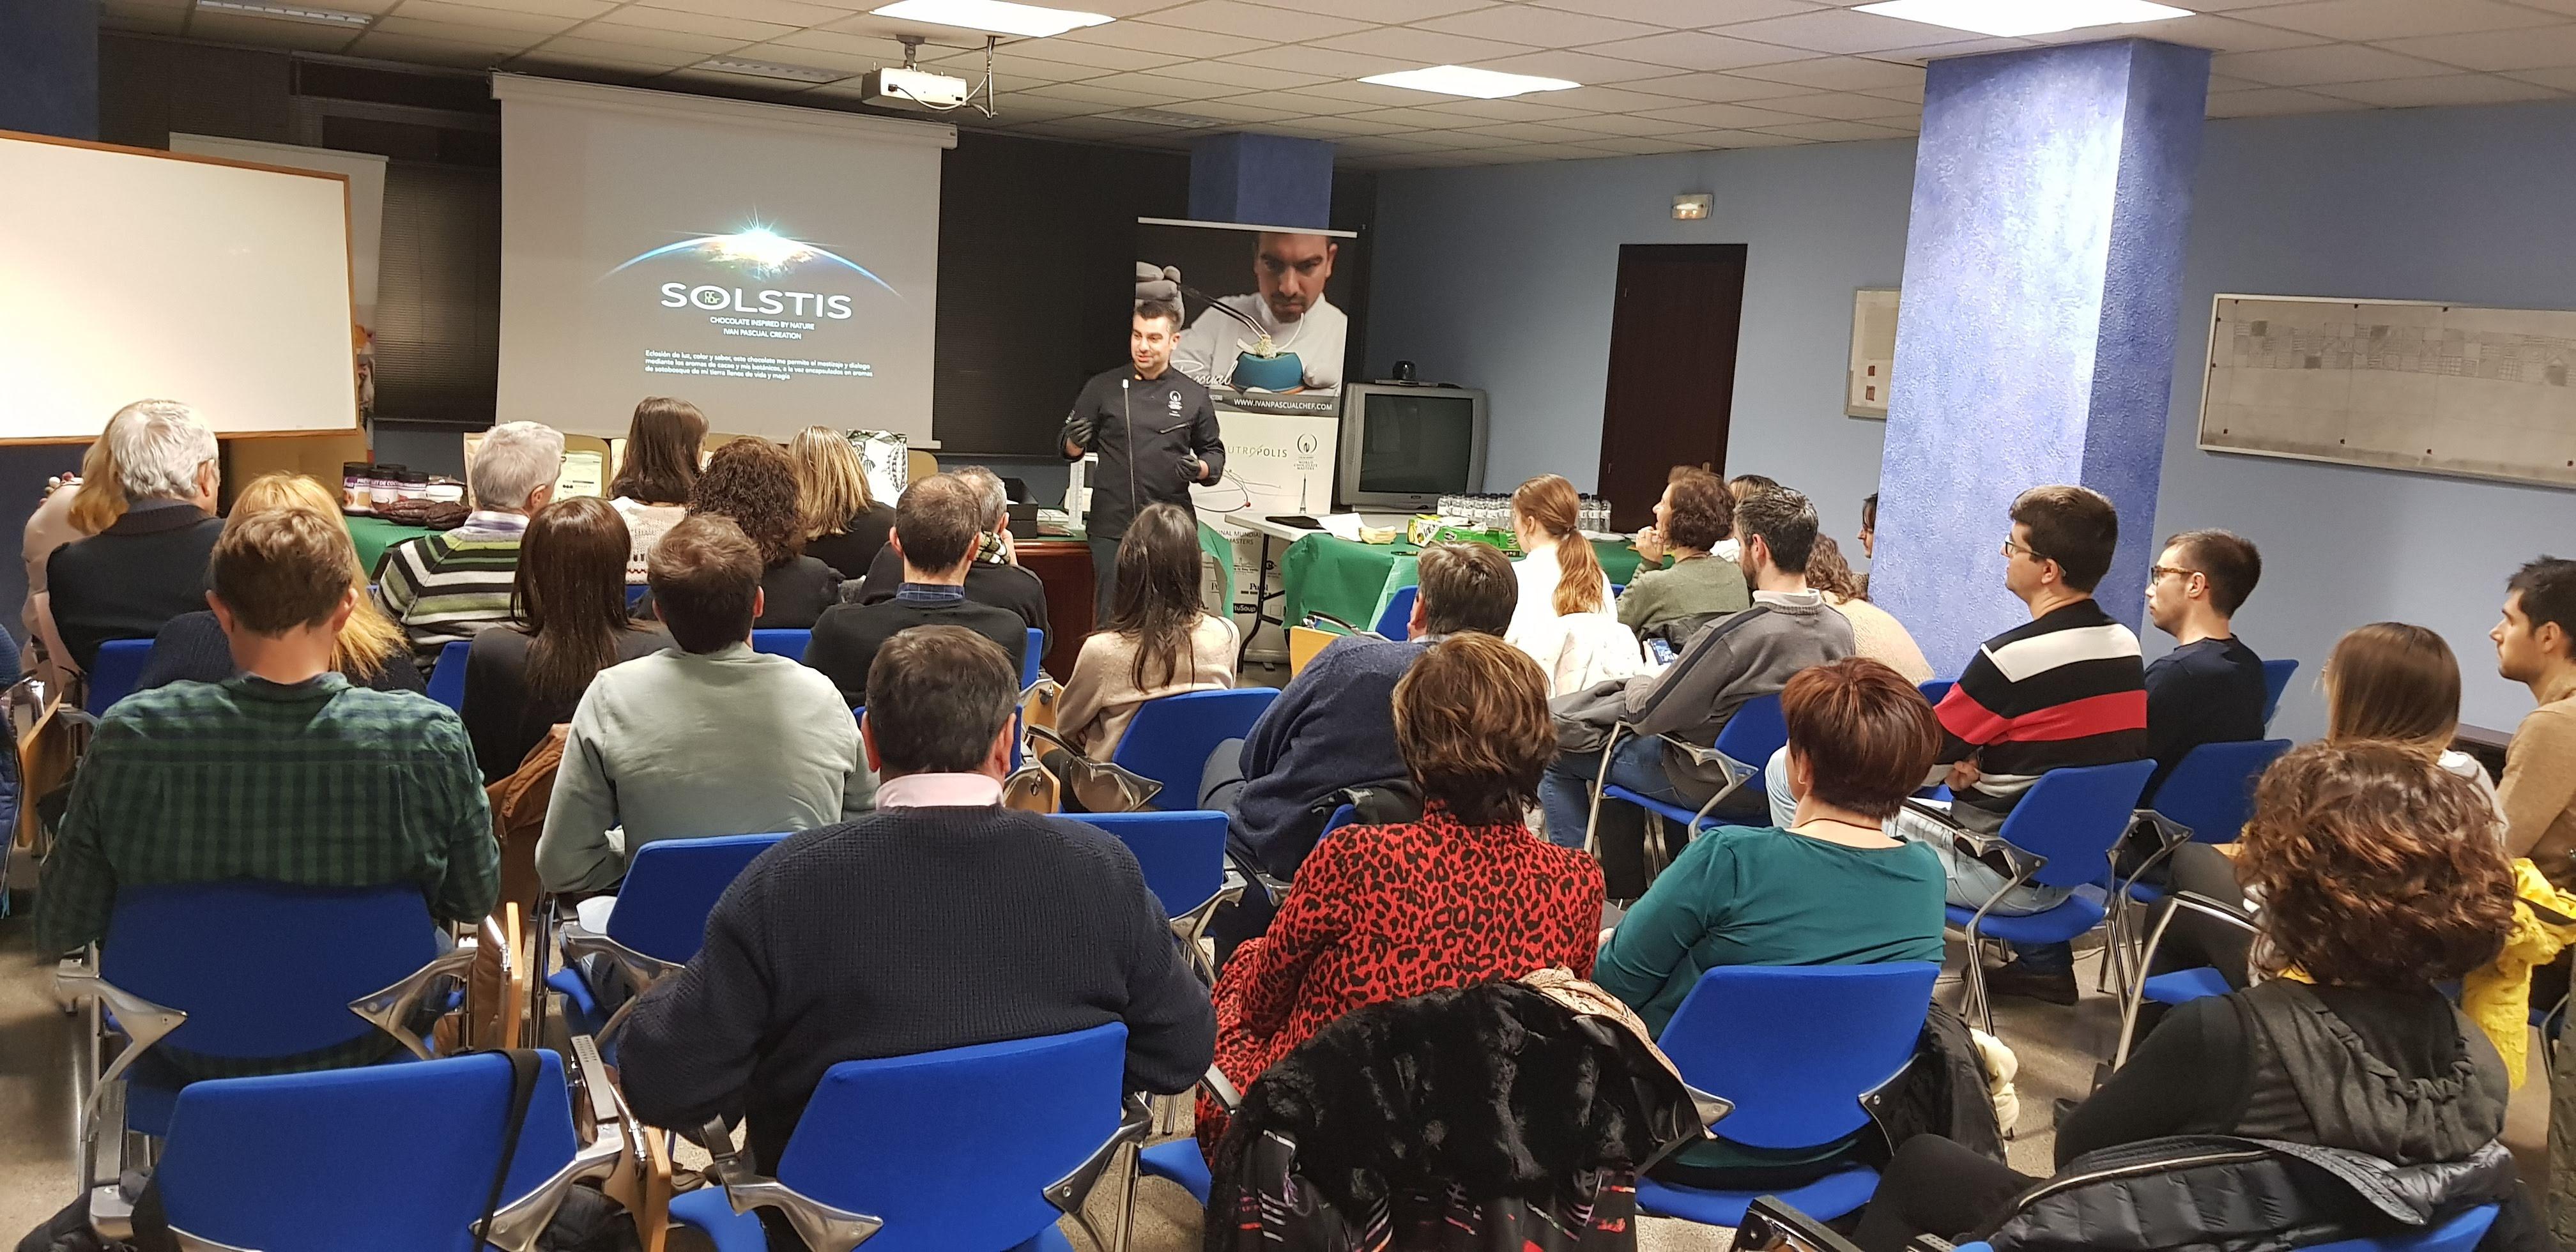 Tast de xocolata molt interessant a la Delegació de Lleida del COEAC, amb gran nombre d'assistents